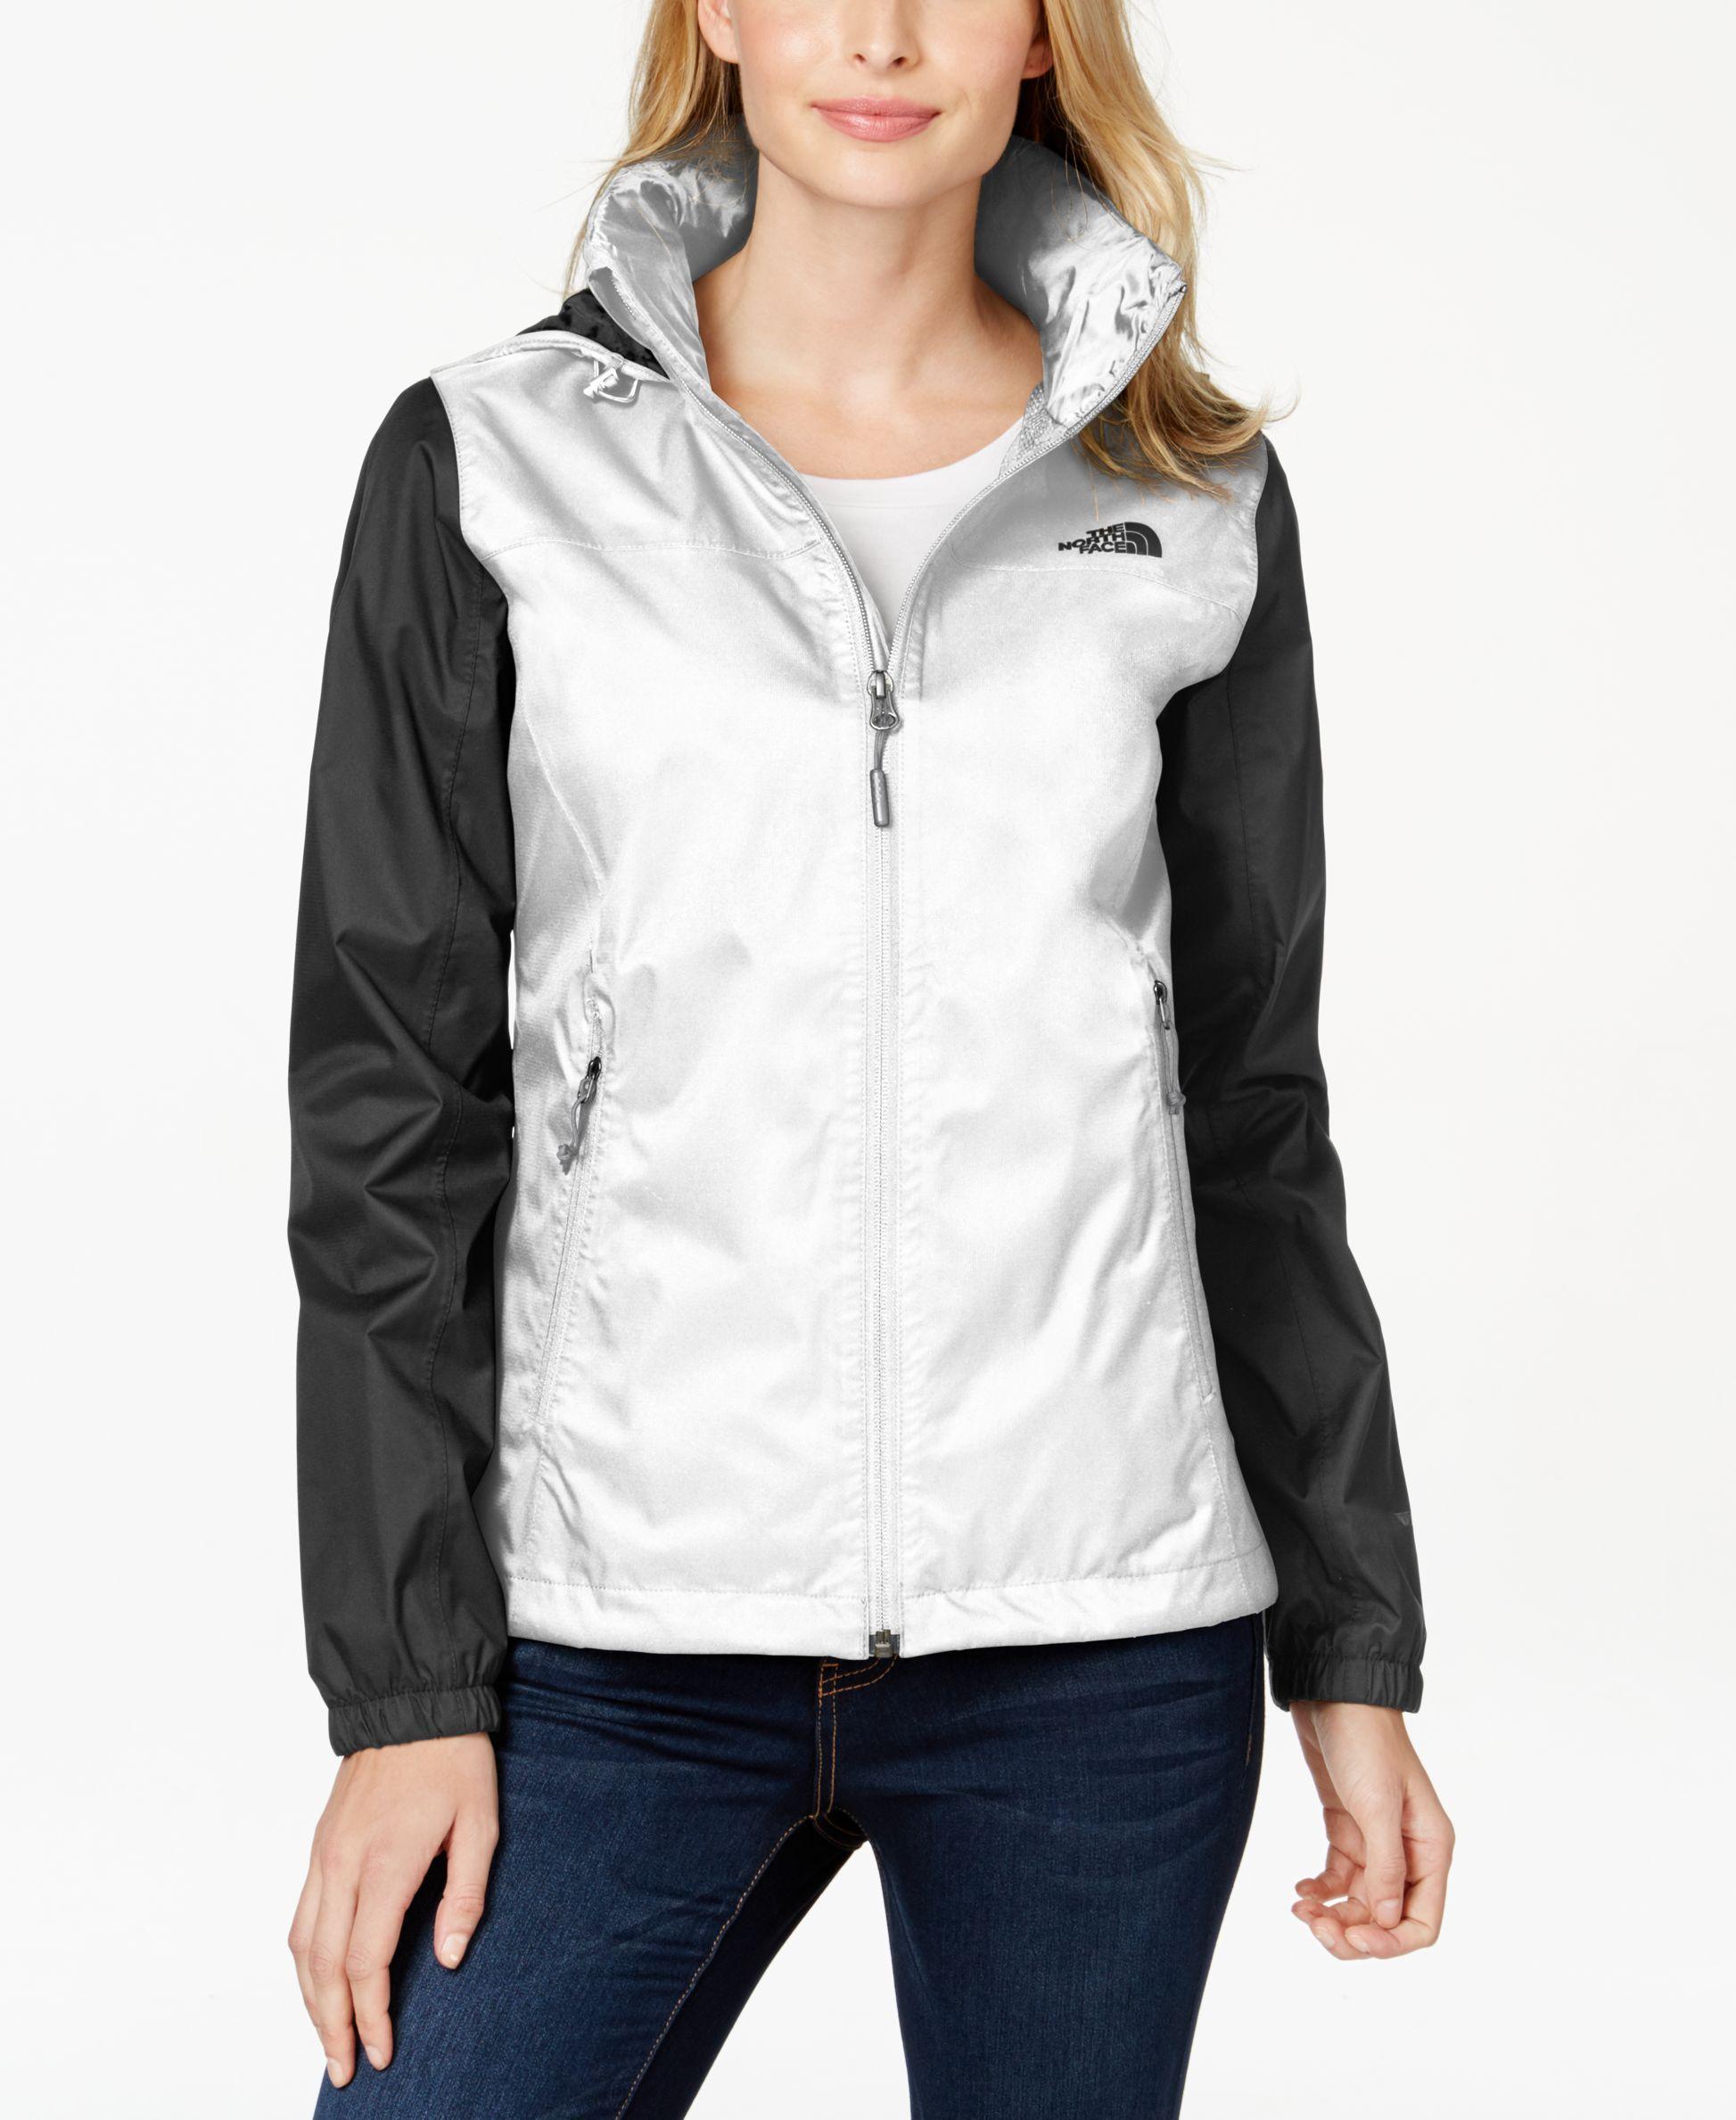 The North Face Waterproof Resolve Plus Jacket Jackets Blazers Women Macy S Blazer Jackets For Women North Face Waterproof North Face Resolve Jacket [ 2378 x 1947 Pixel ]